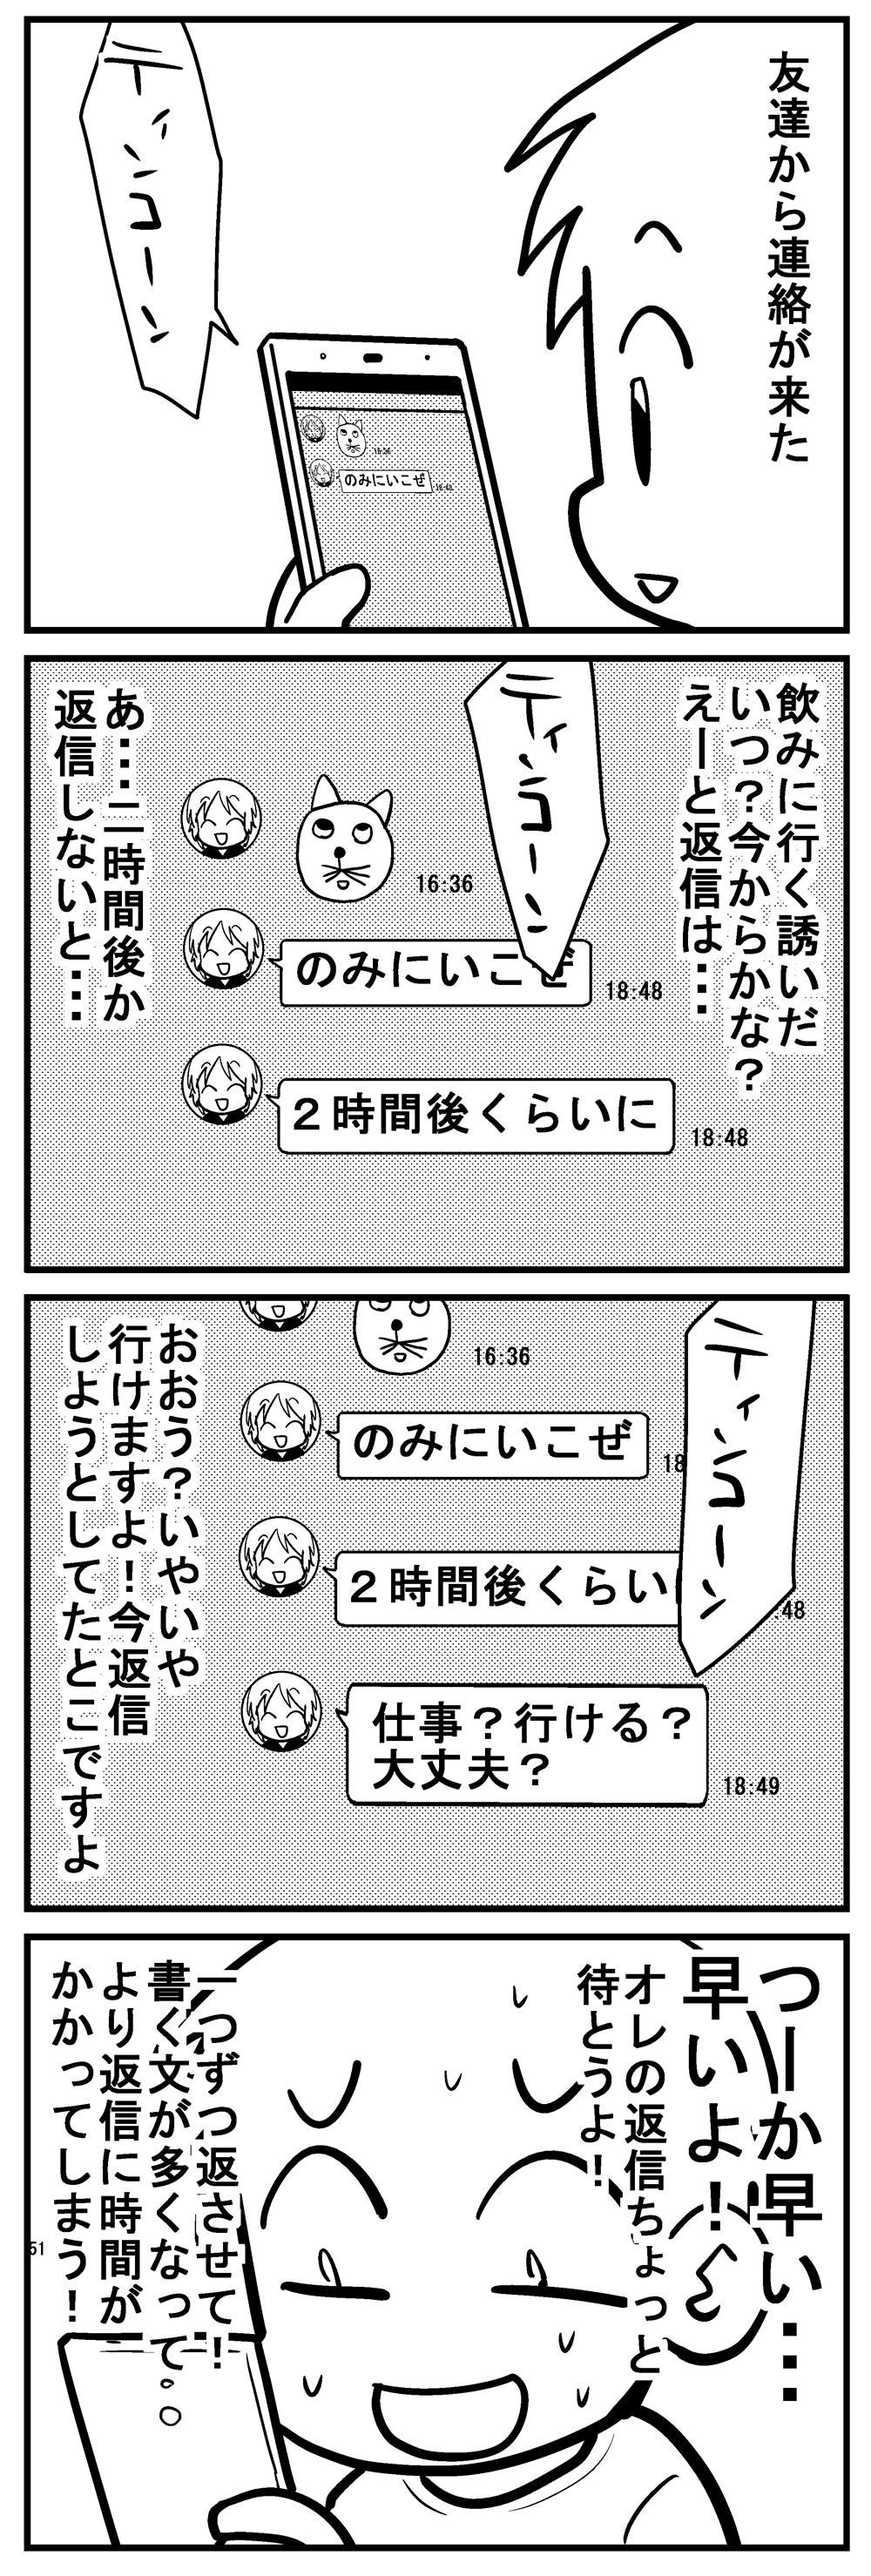 深読みくん126 1